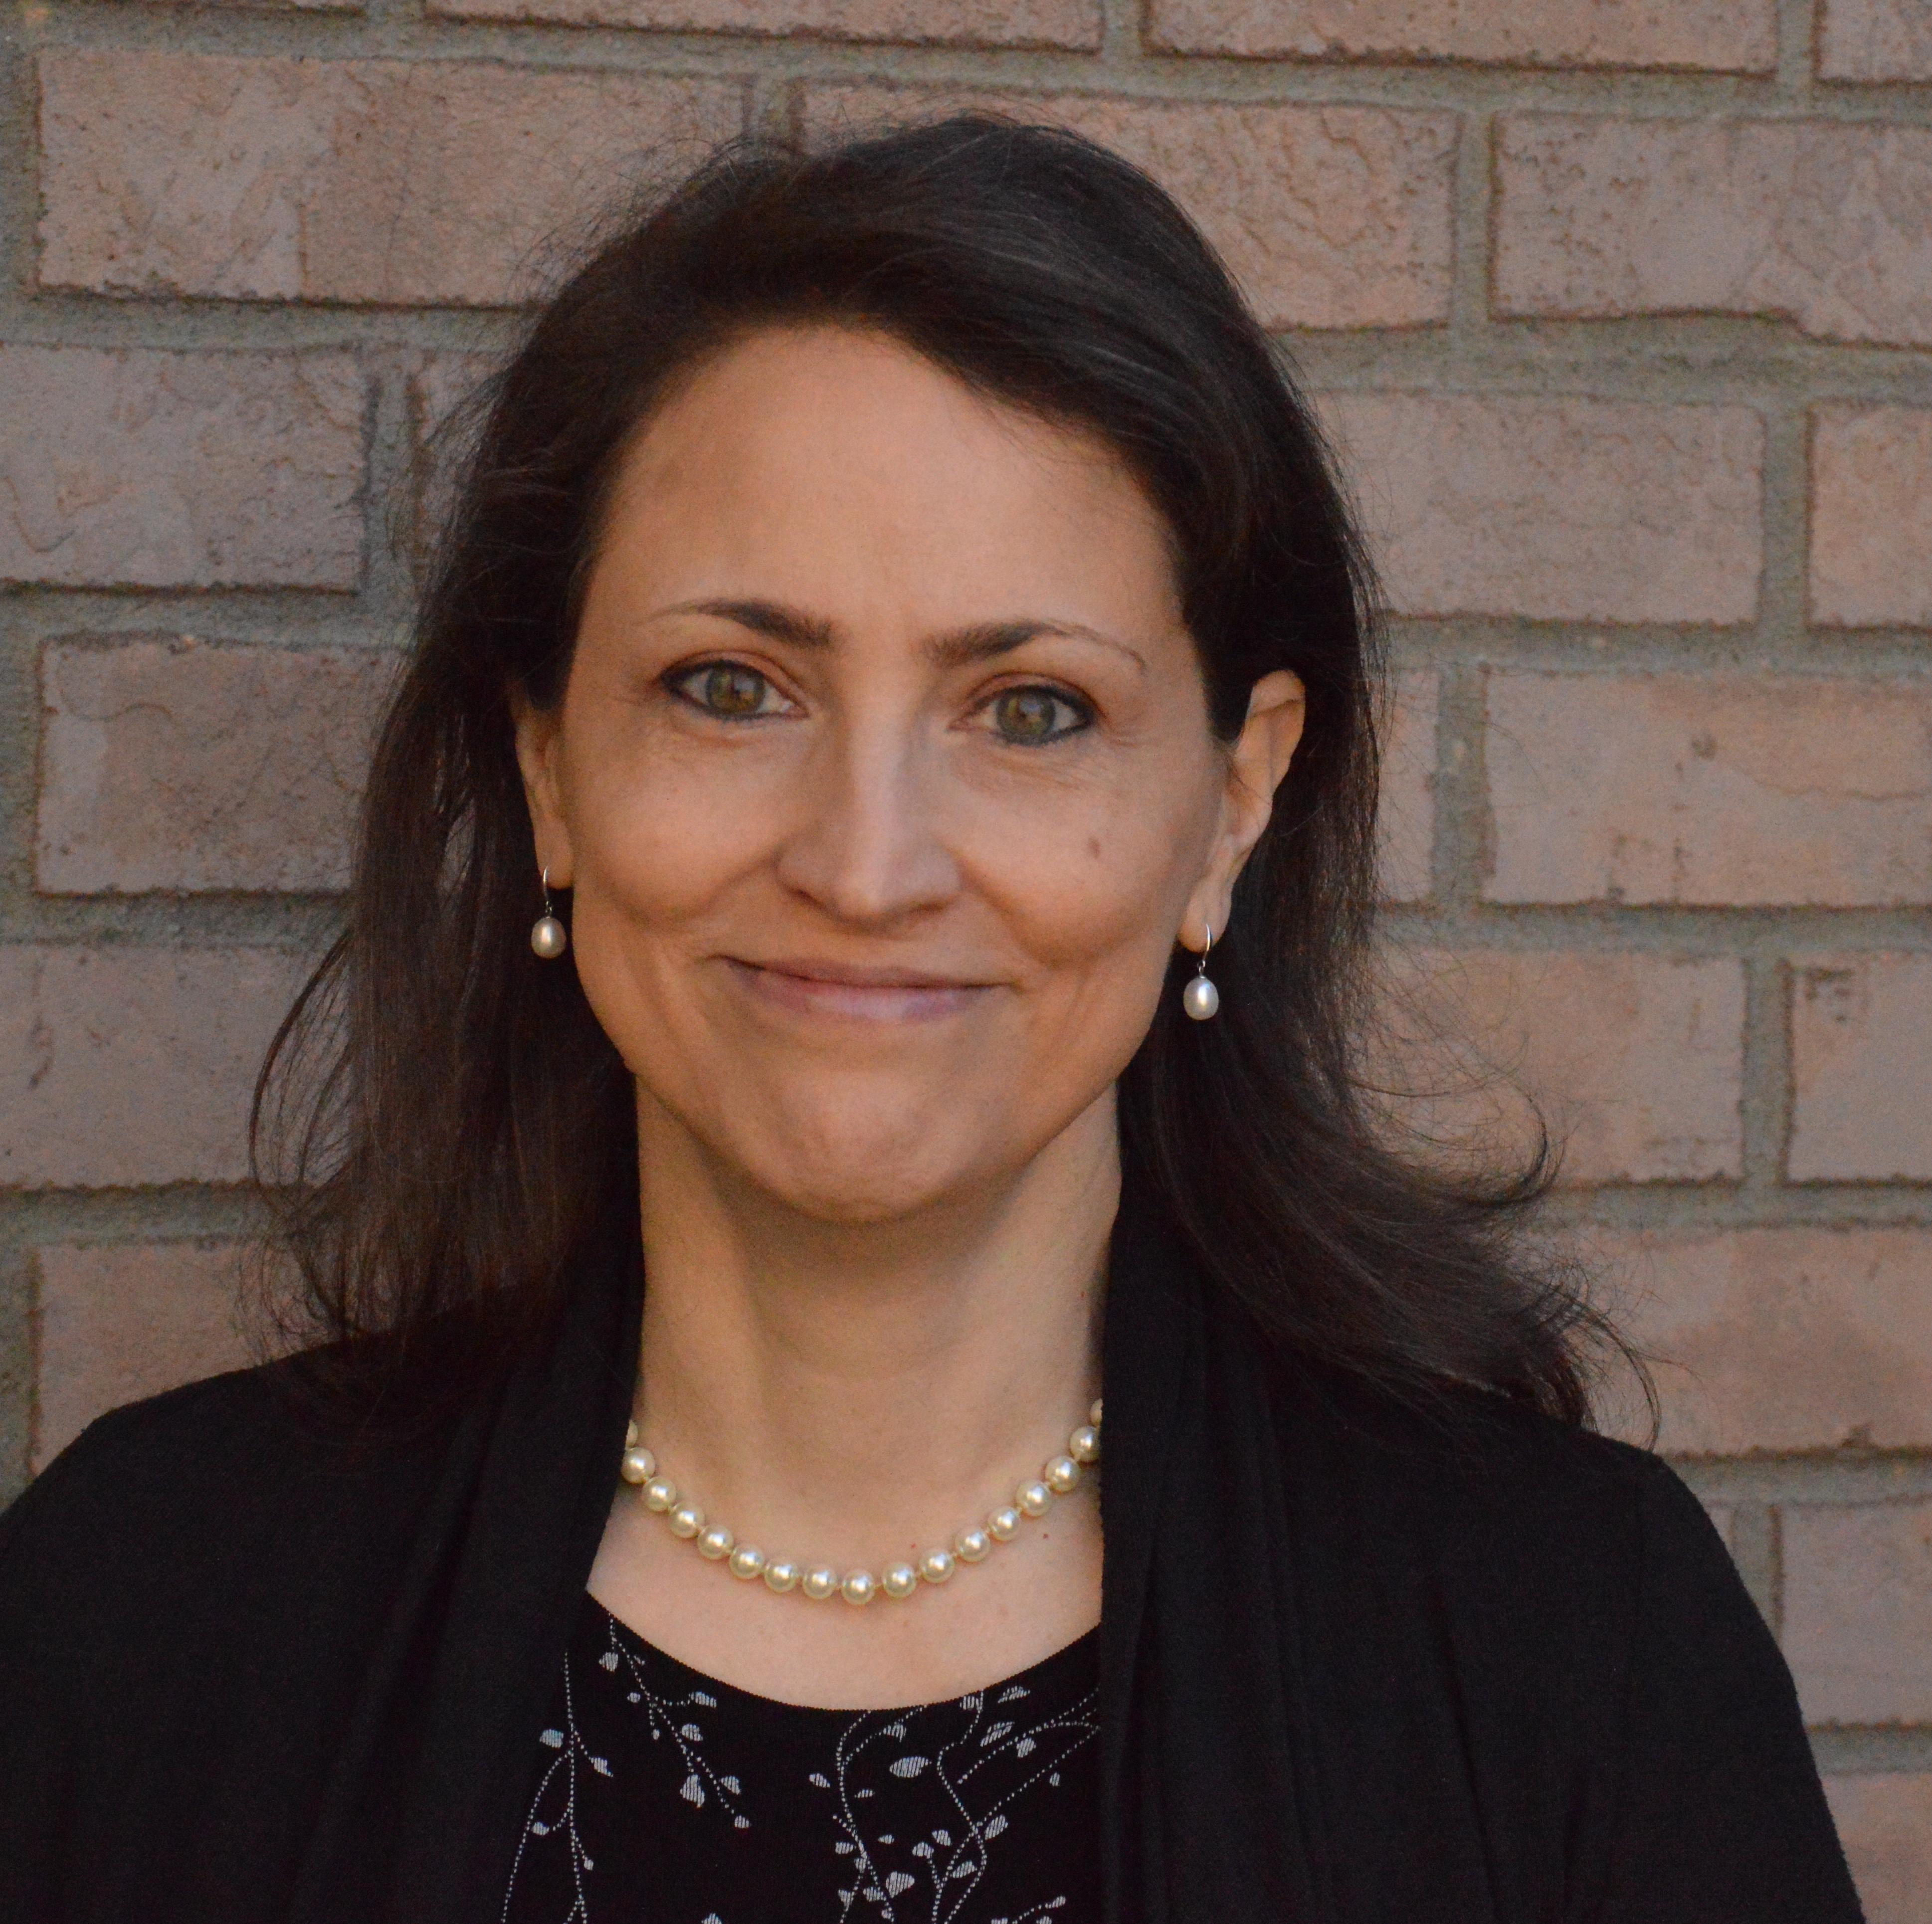 Pamela Sue Hickein